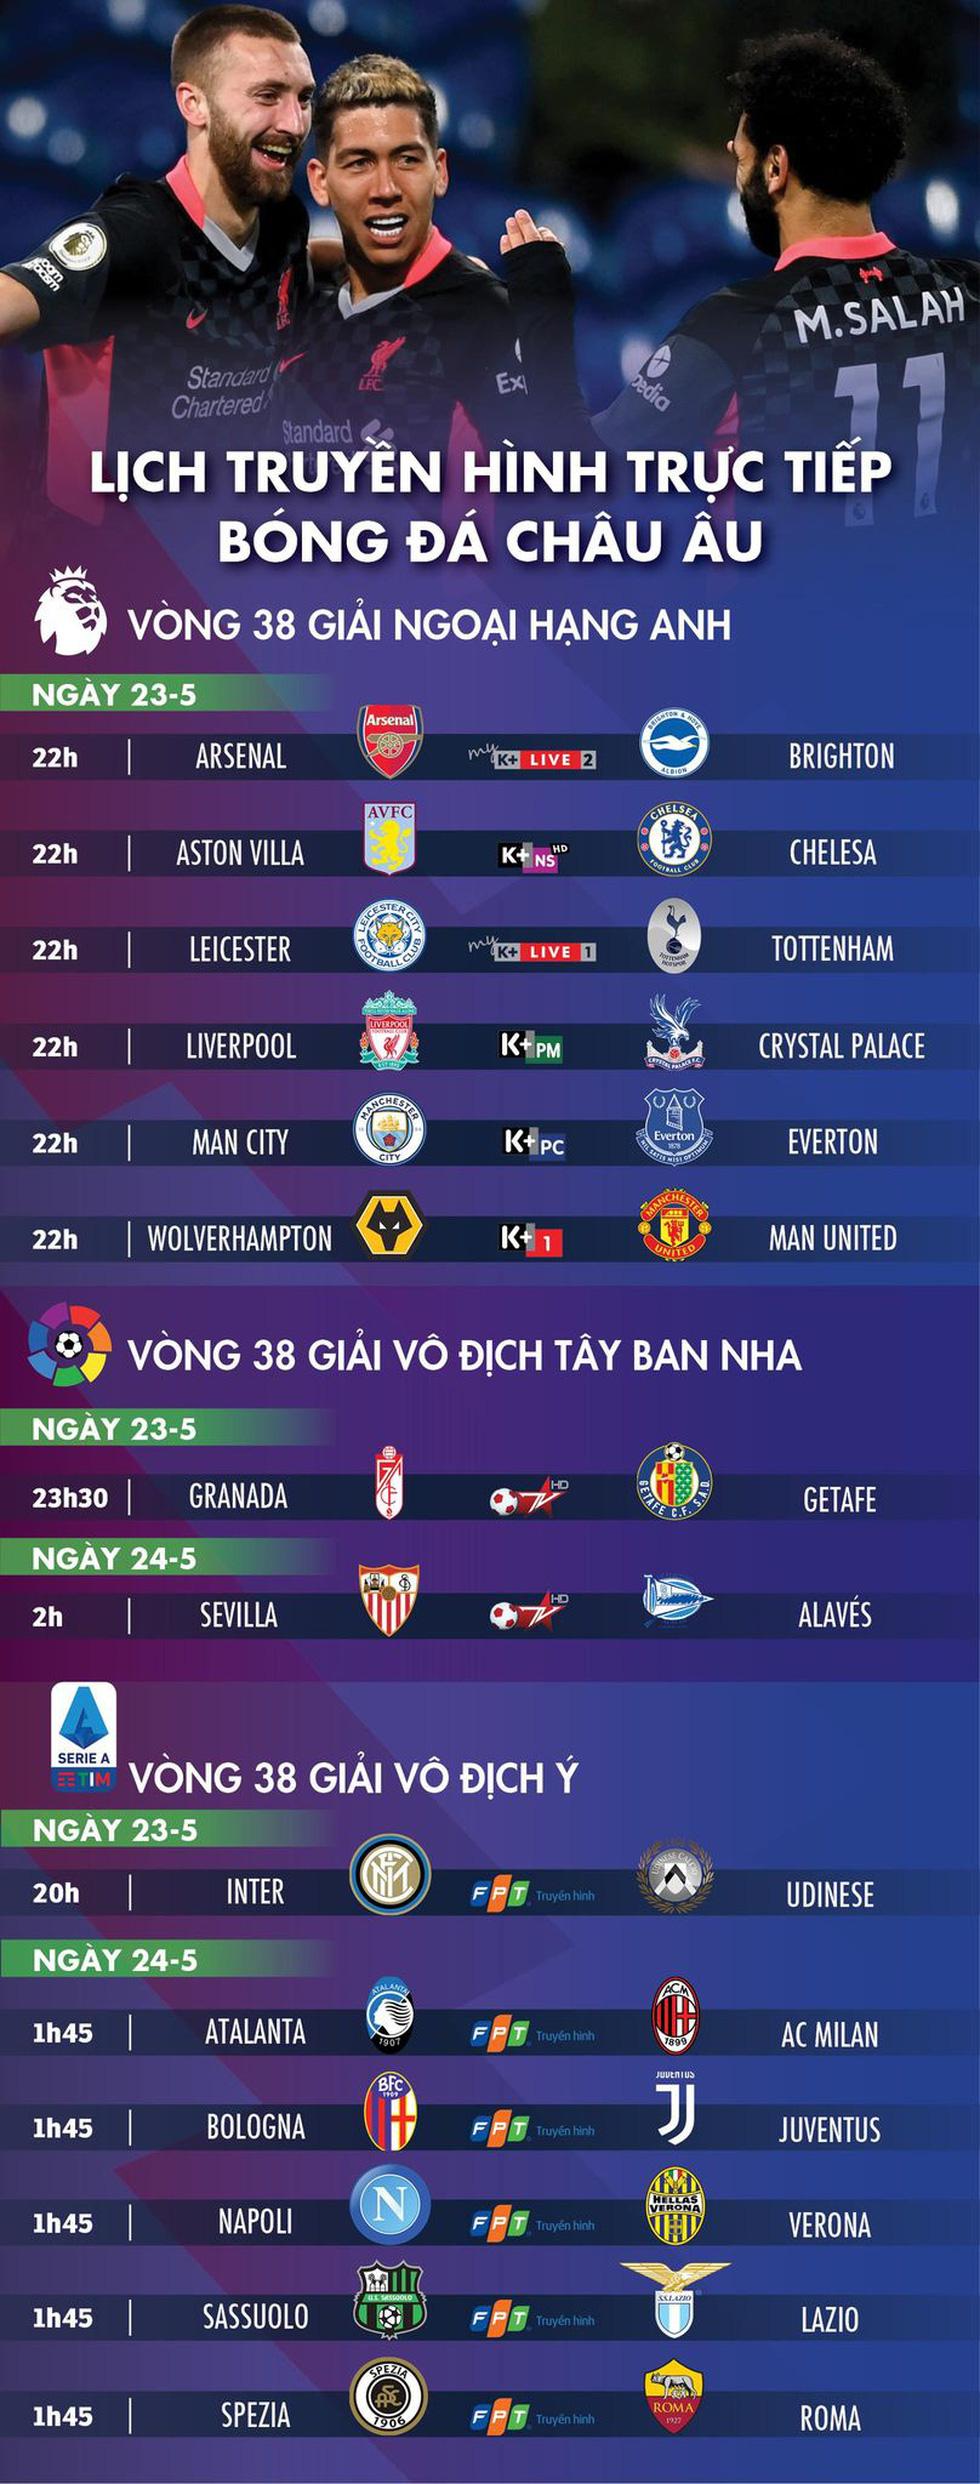 Lịch trực tiếp bóng đá châu Âu 23-5: Hạ màn Premier League, gút danh sách tốp 4 - Ảnh 1.